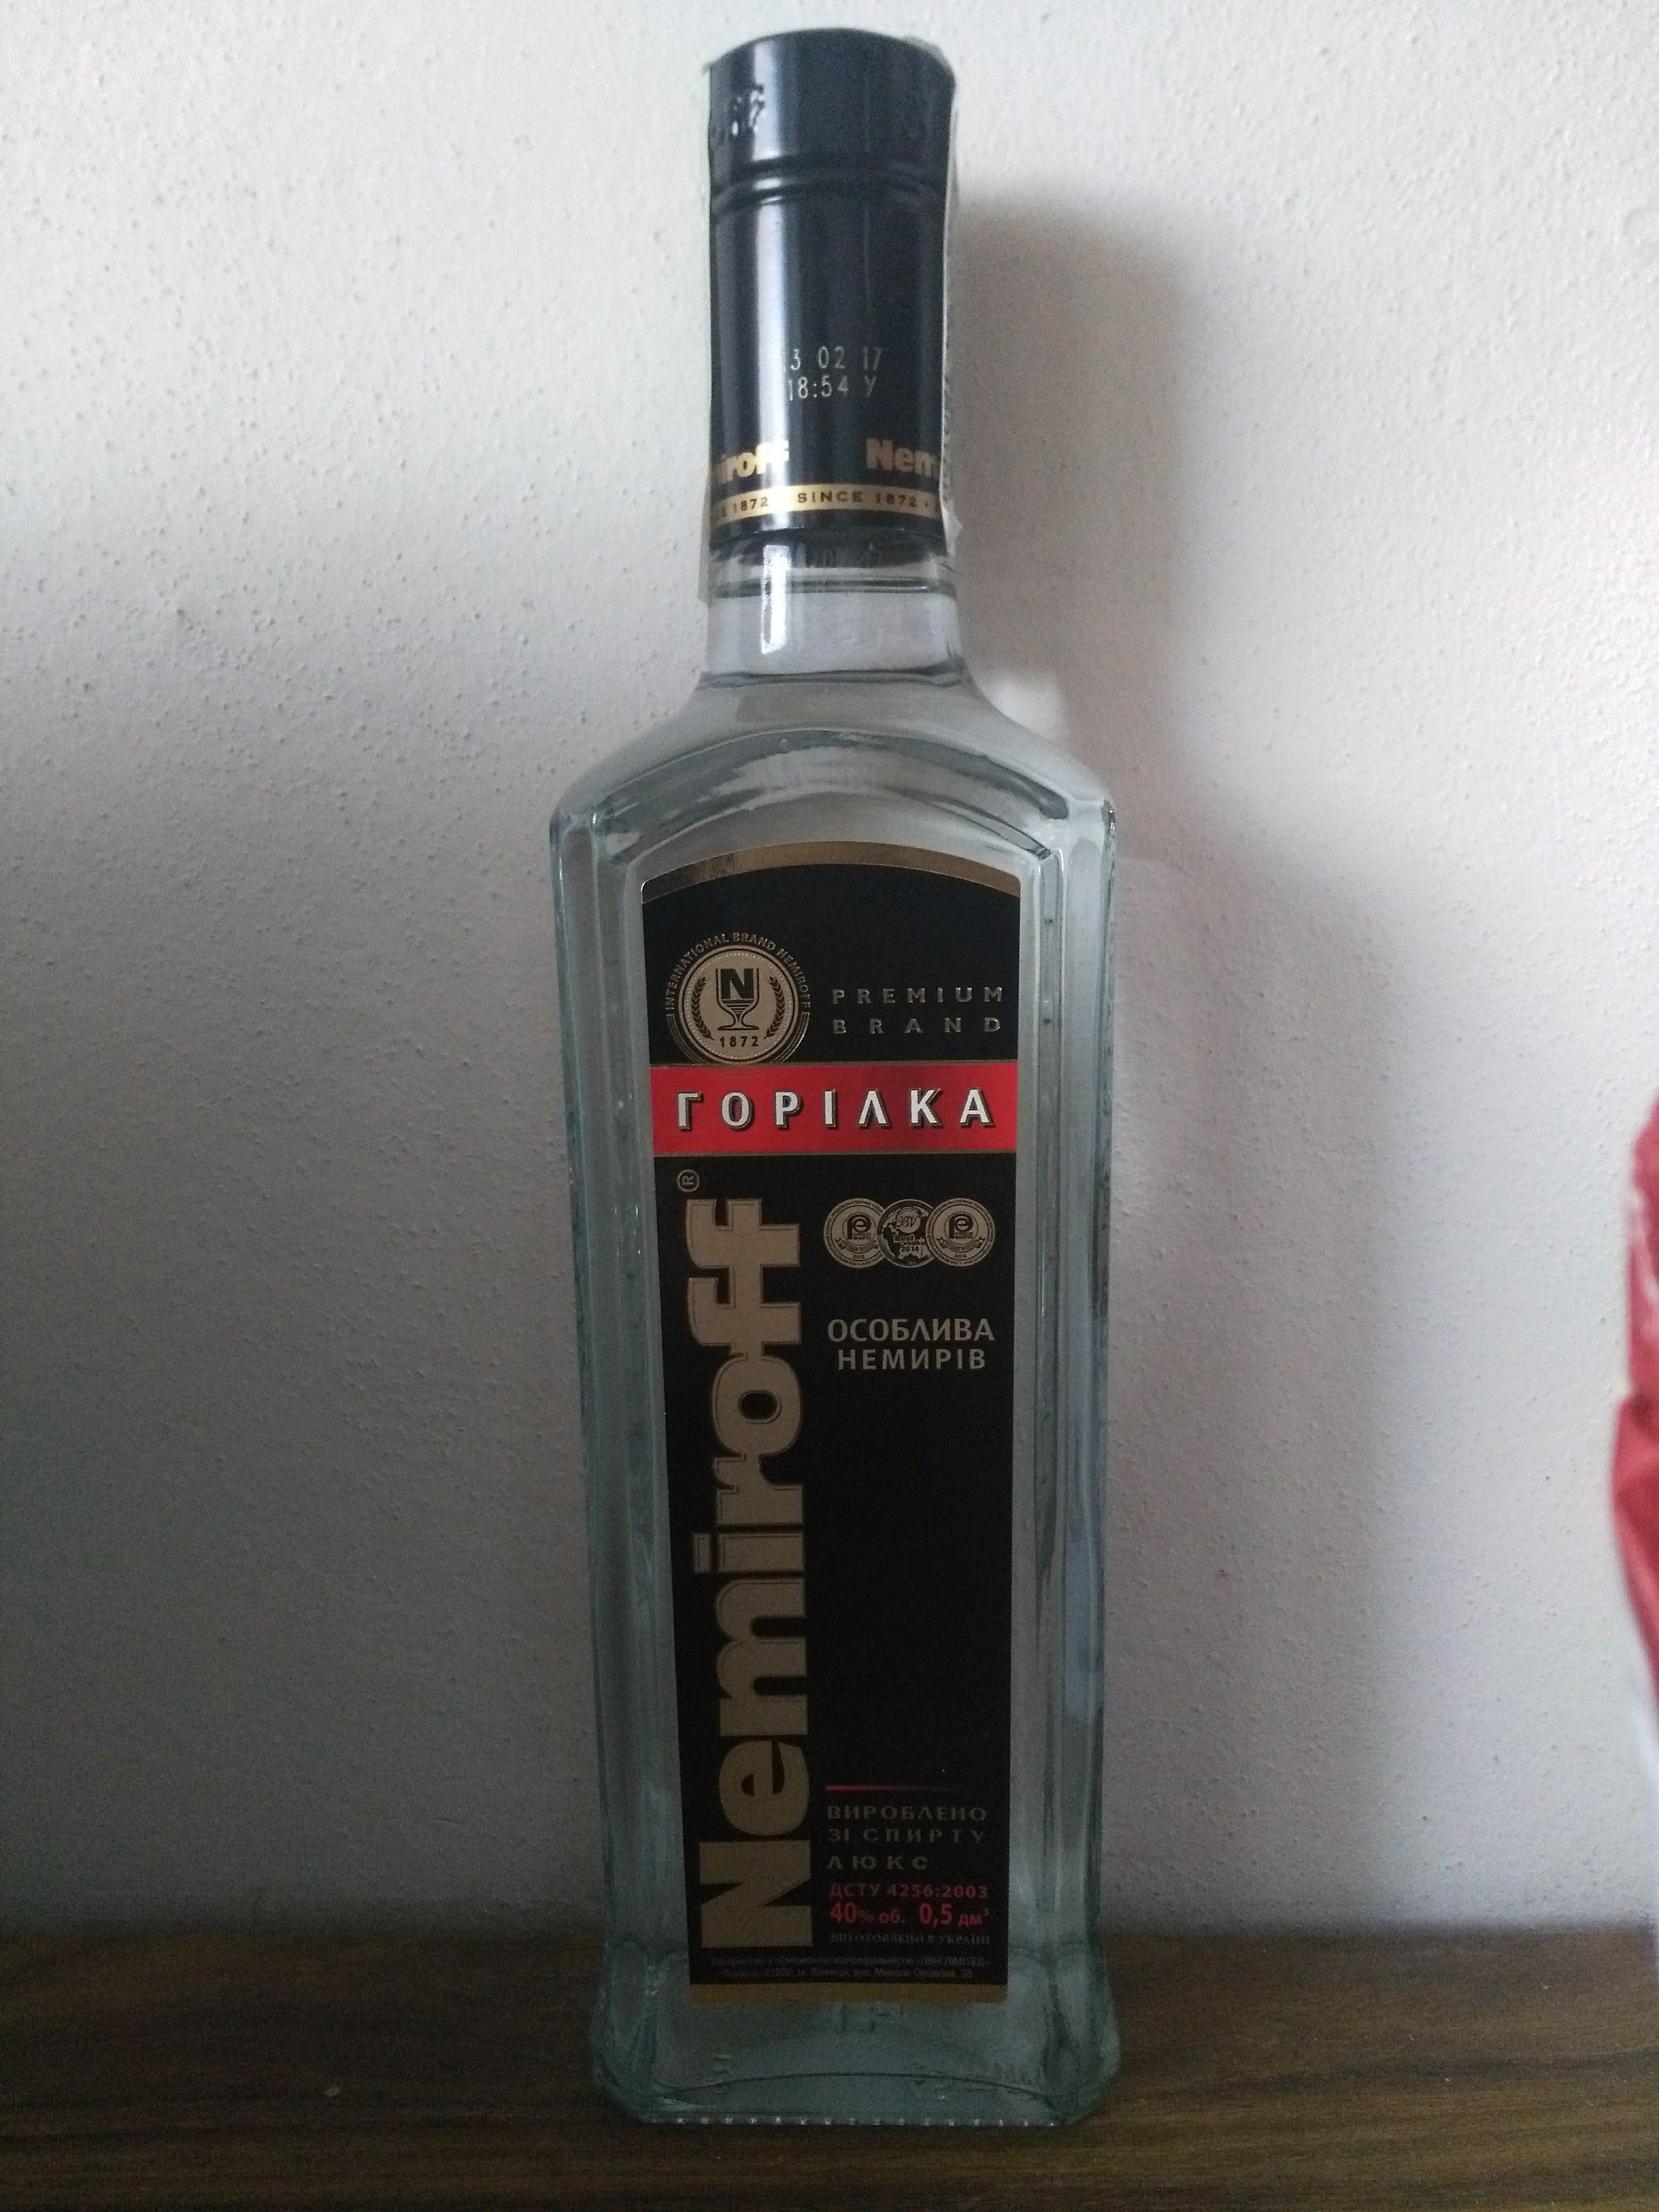 vodka nemiroff